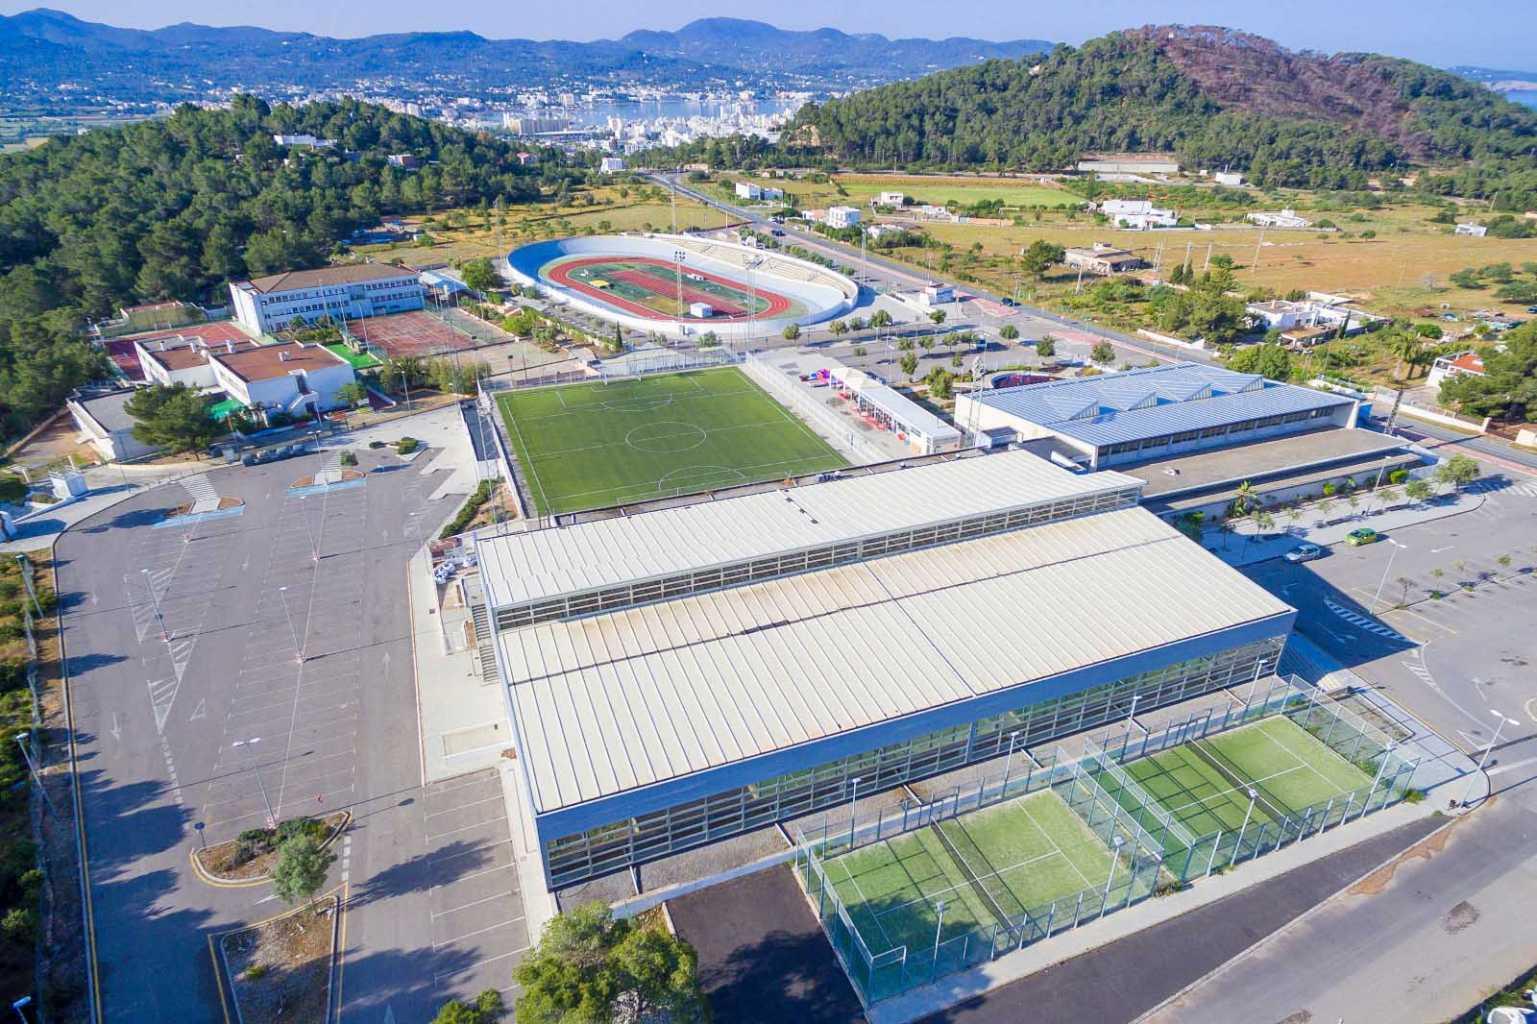 Además de piscina, Can Coix tiene pabellón polideportivo, pista de atletismo, campo de fútbol 7 y pistas de pádel.